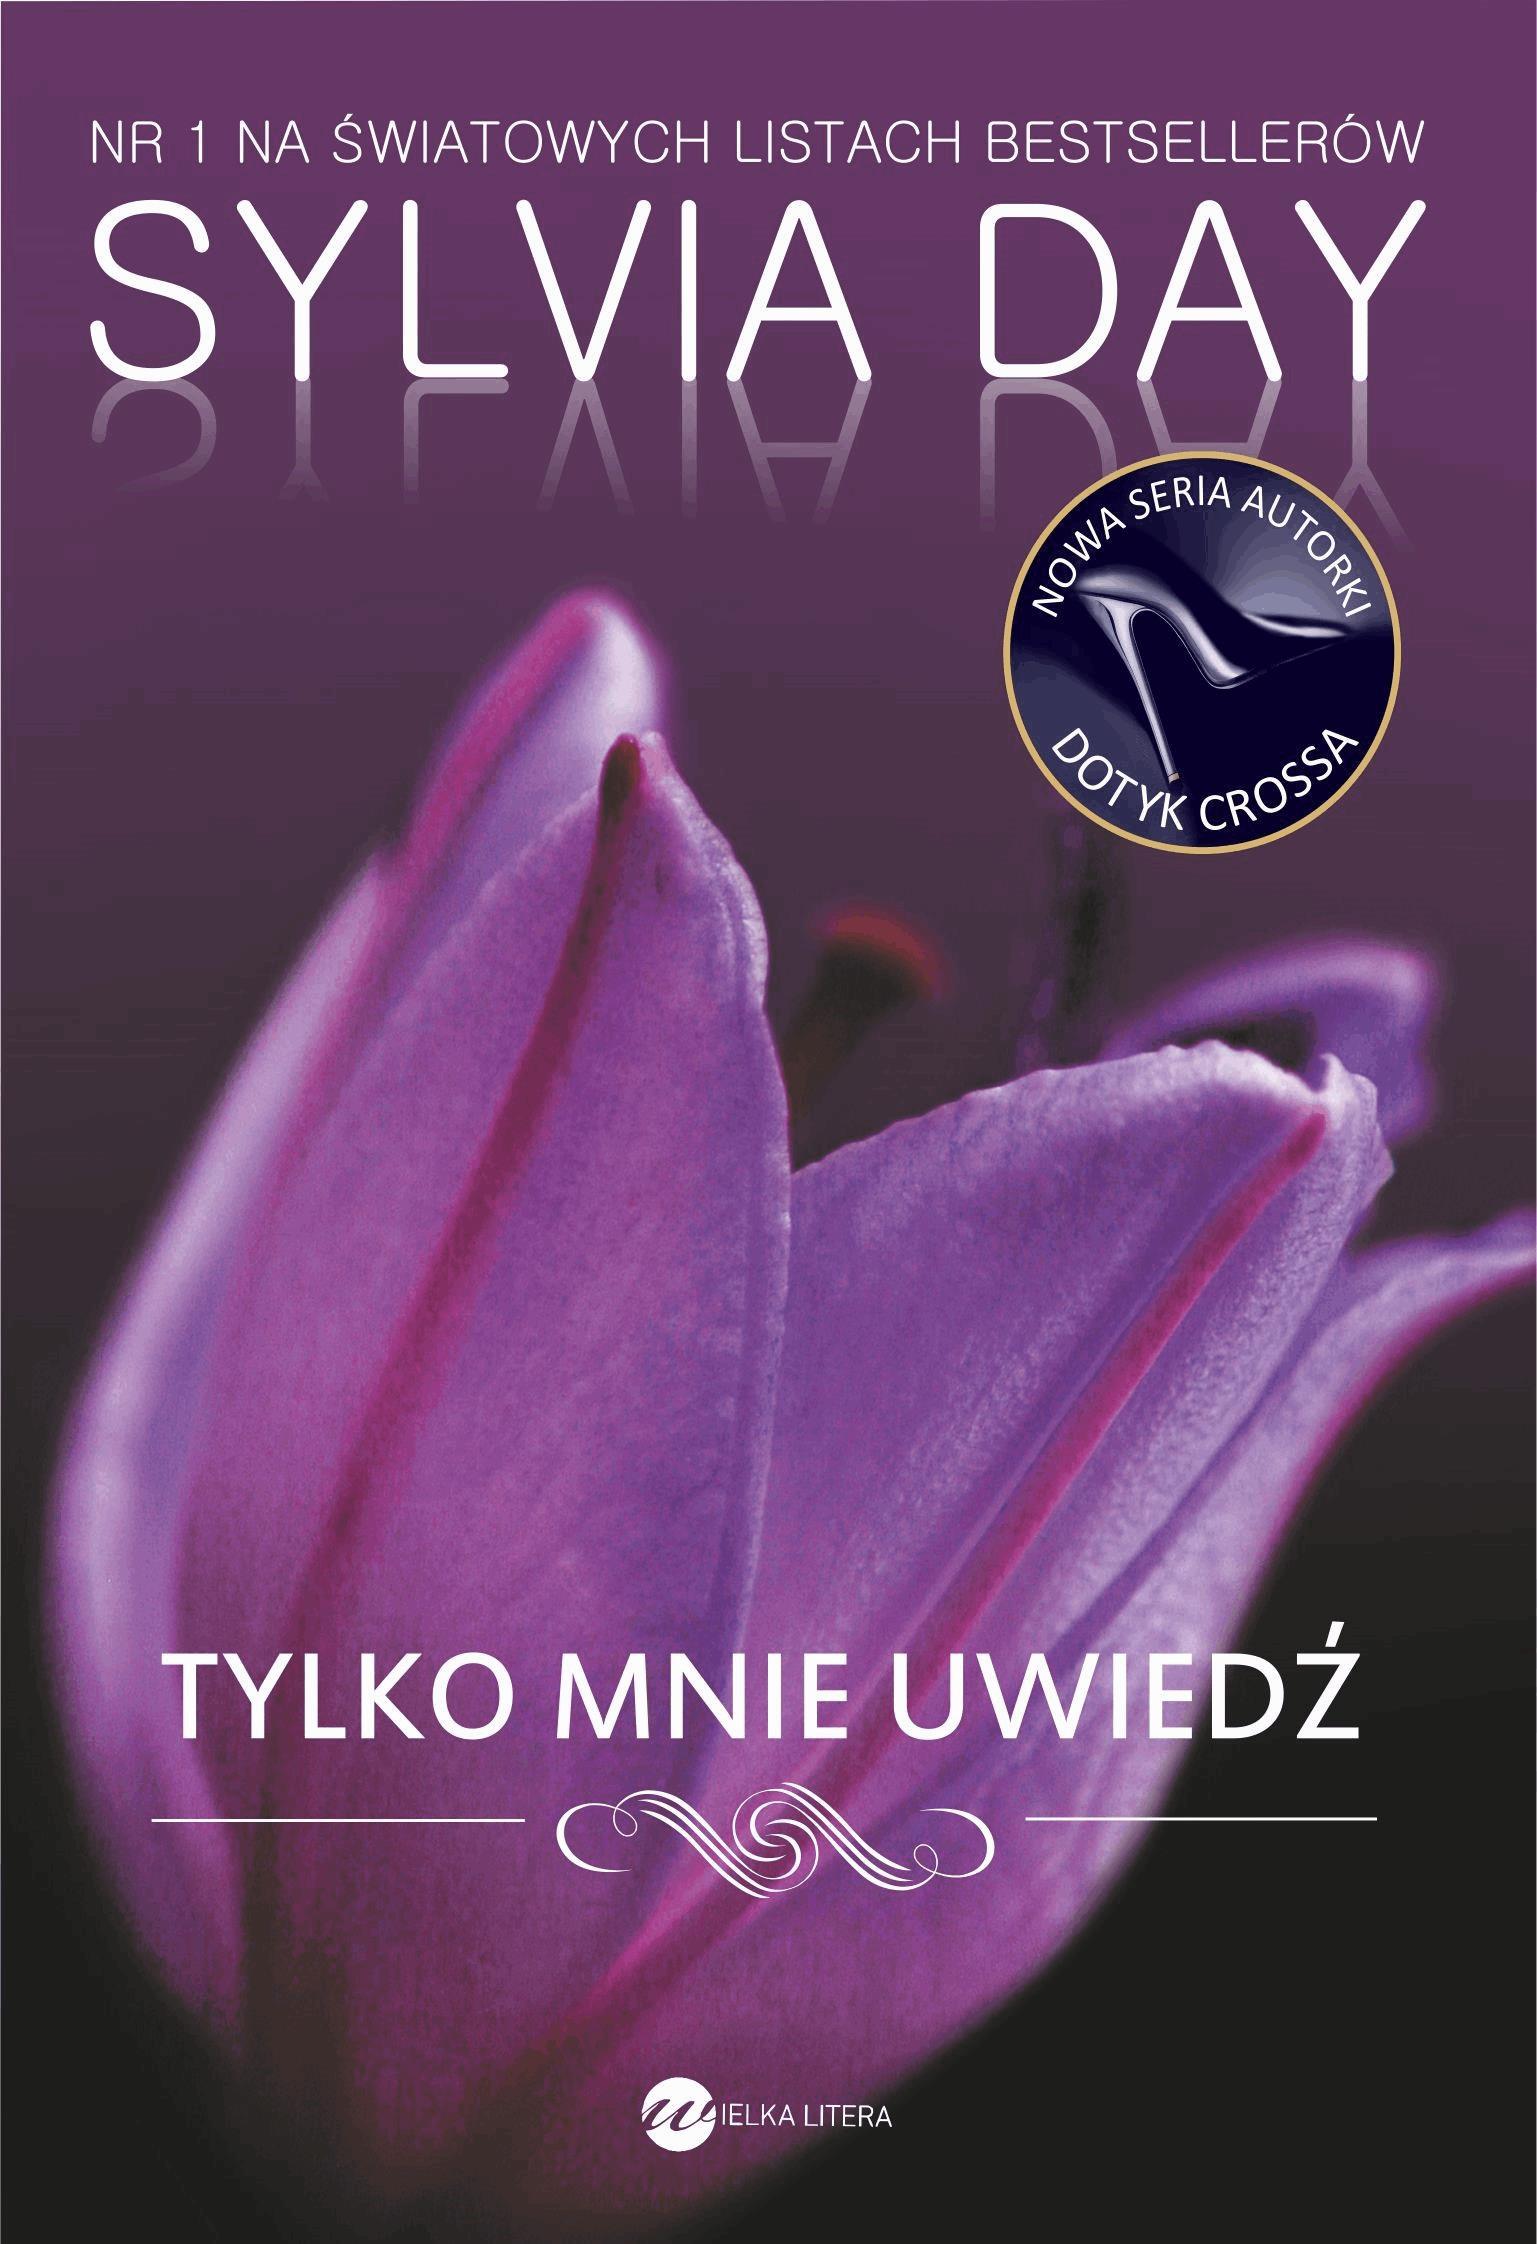 Tylko mnie uwiedź - Tylko w Legimi możesz przeczytać ten tytuł przez 7 dni za darmo. - Sylvia Day